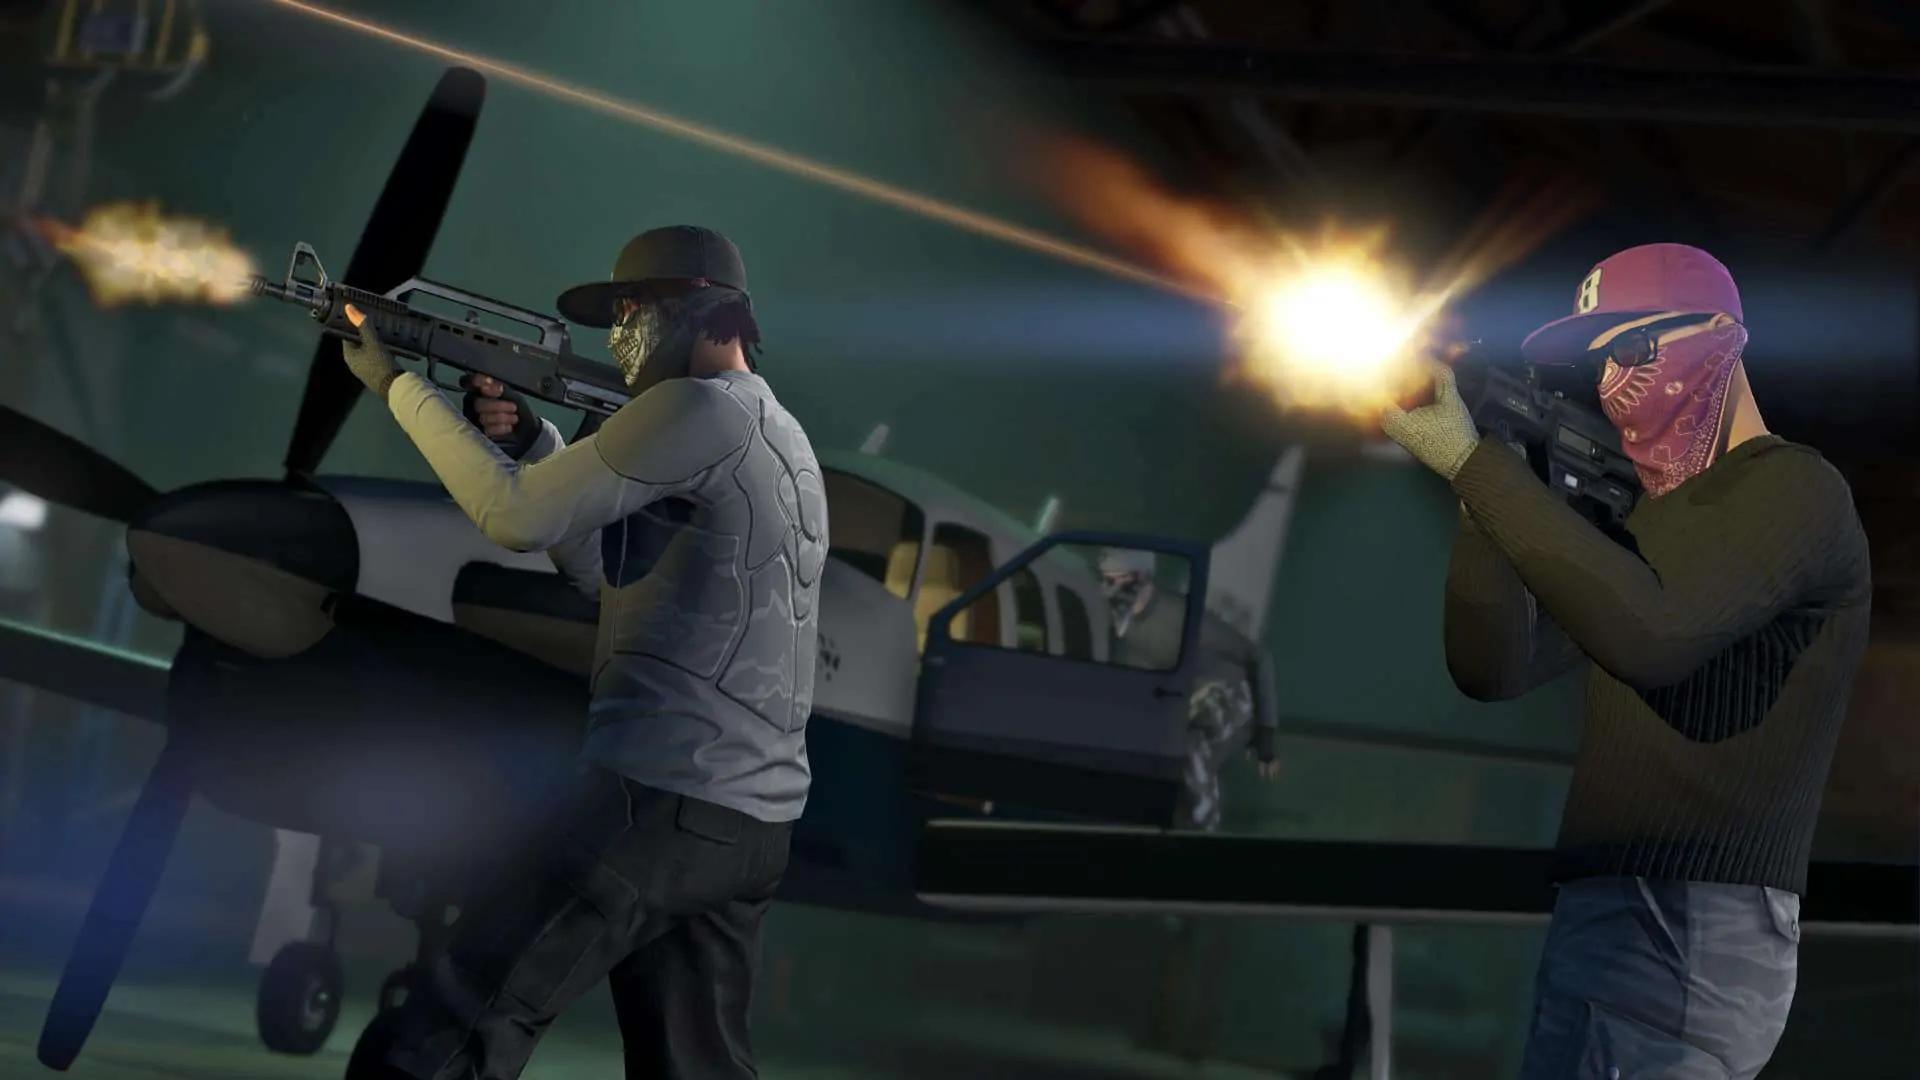 GTA-Online-heists-new-screenshot-6